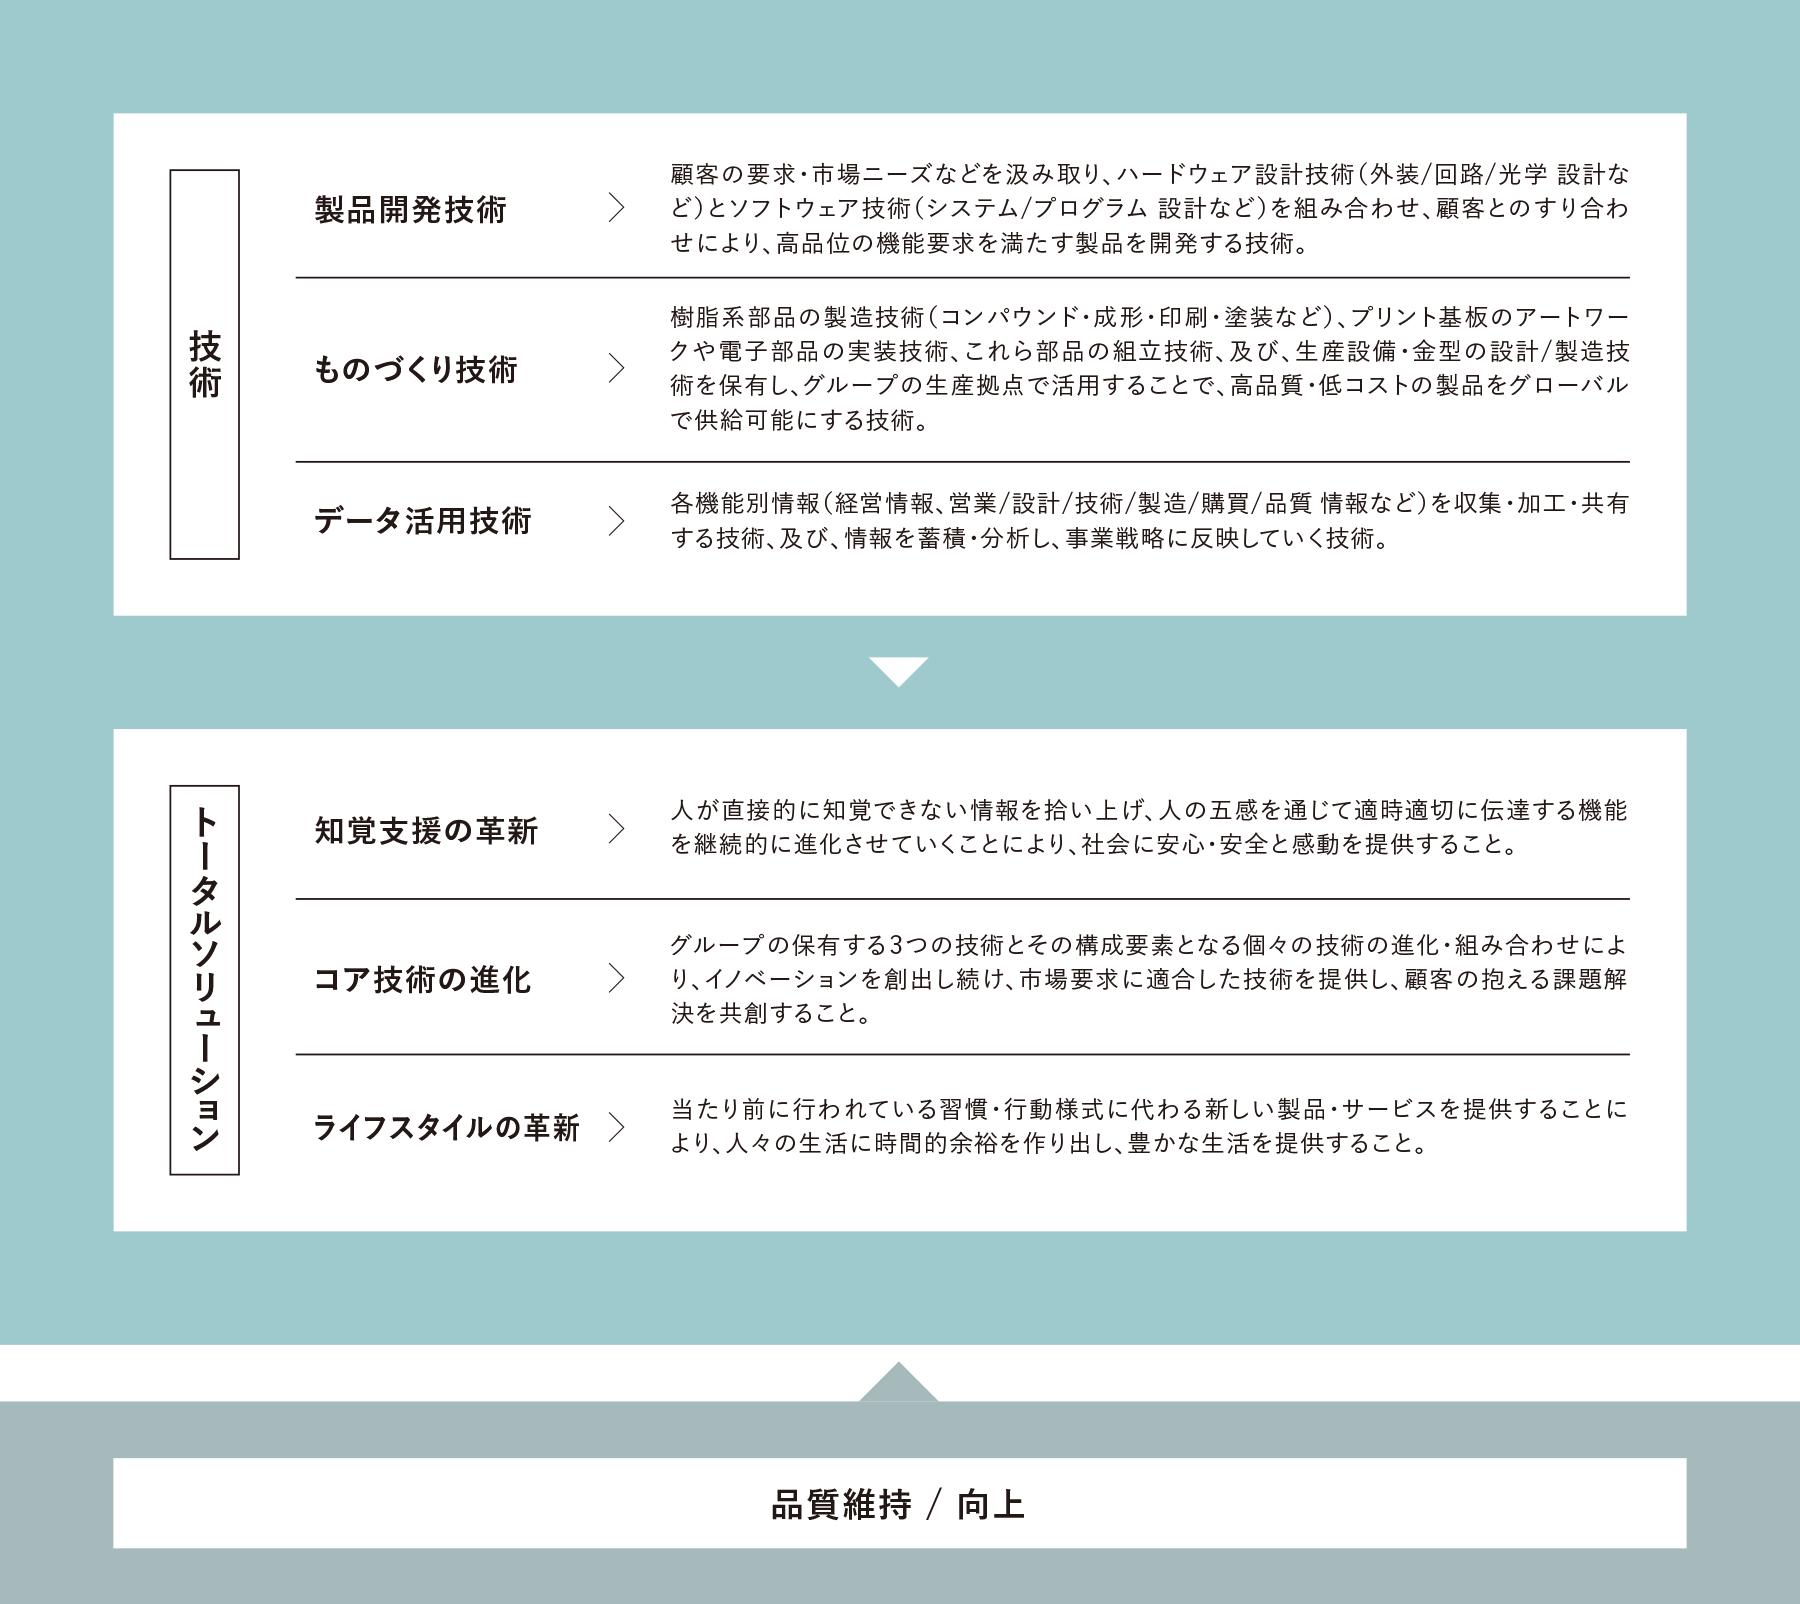 経営ビジョン内容図